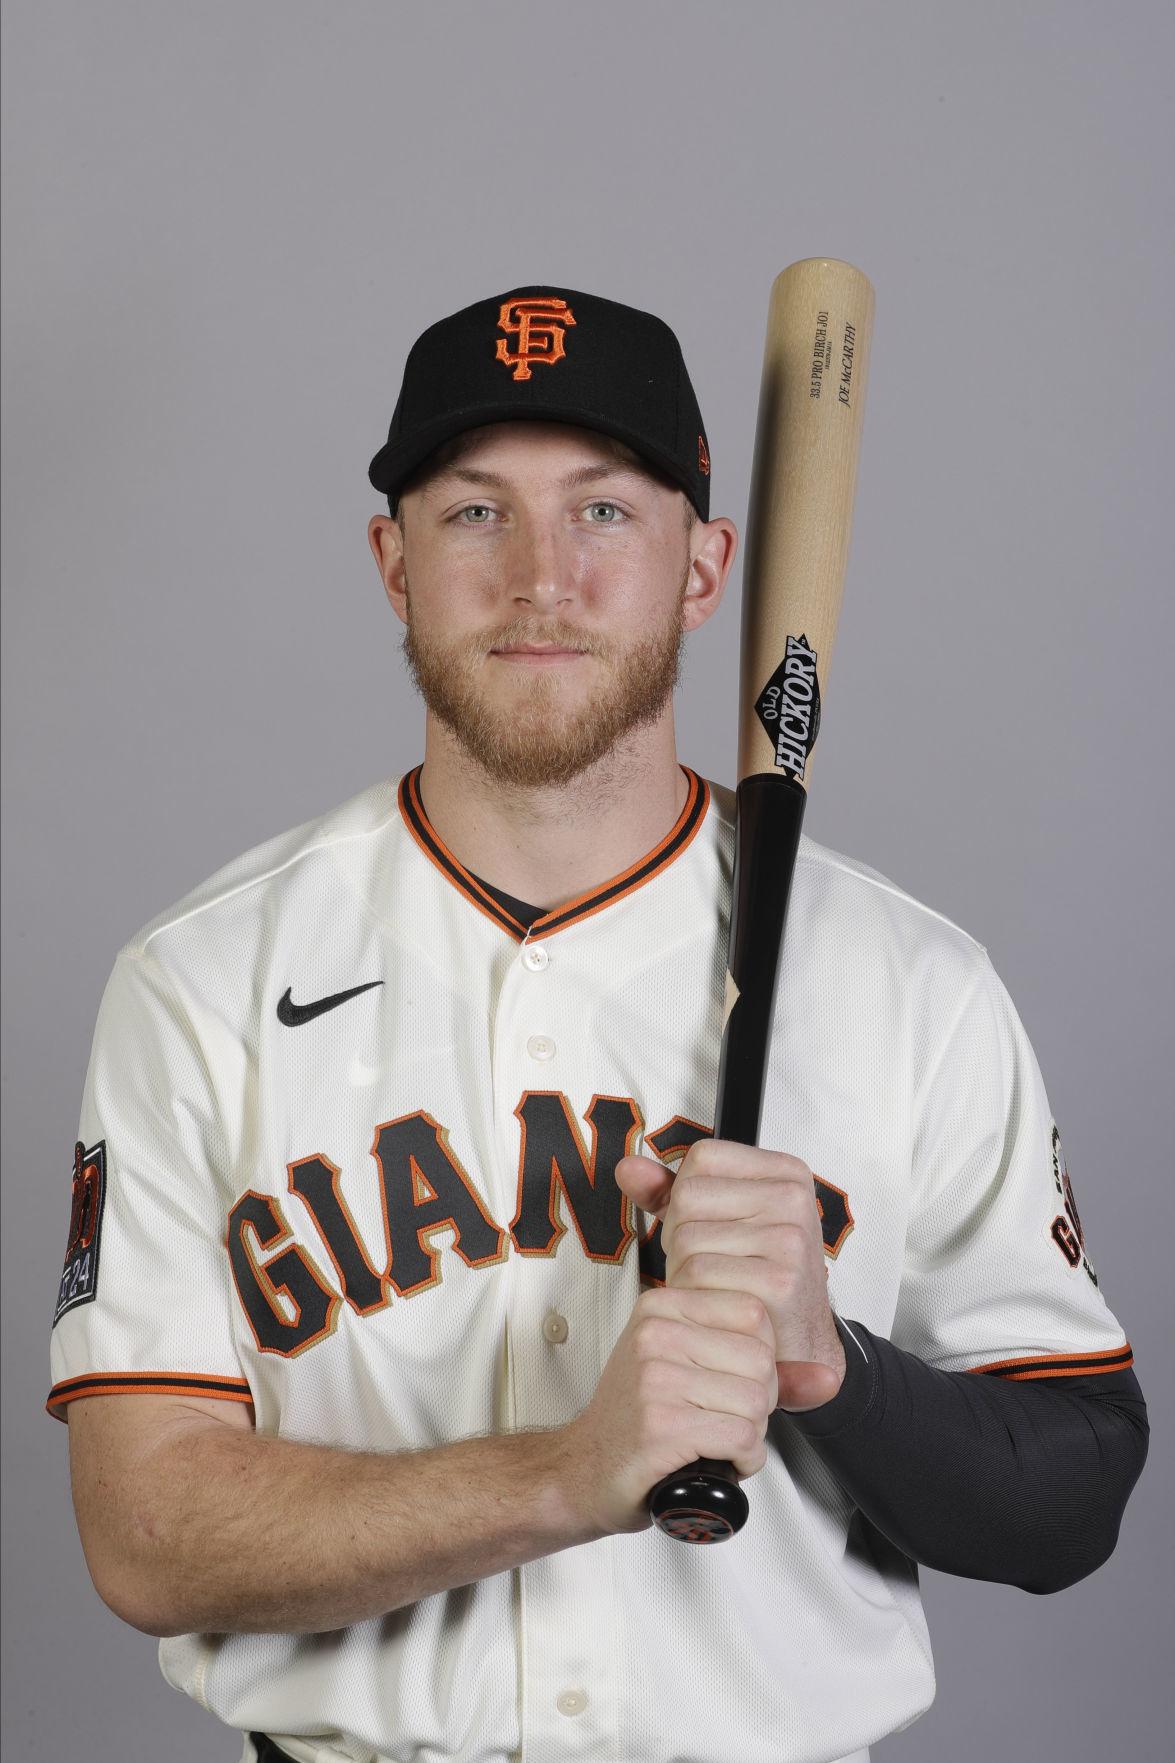 Giants 2020 Baseball